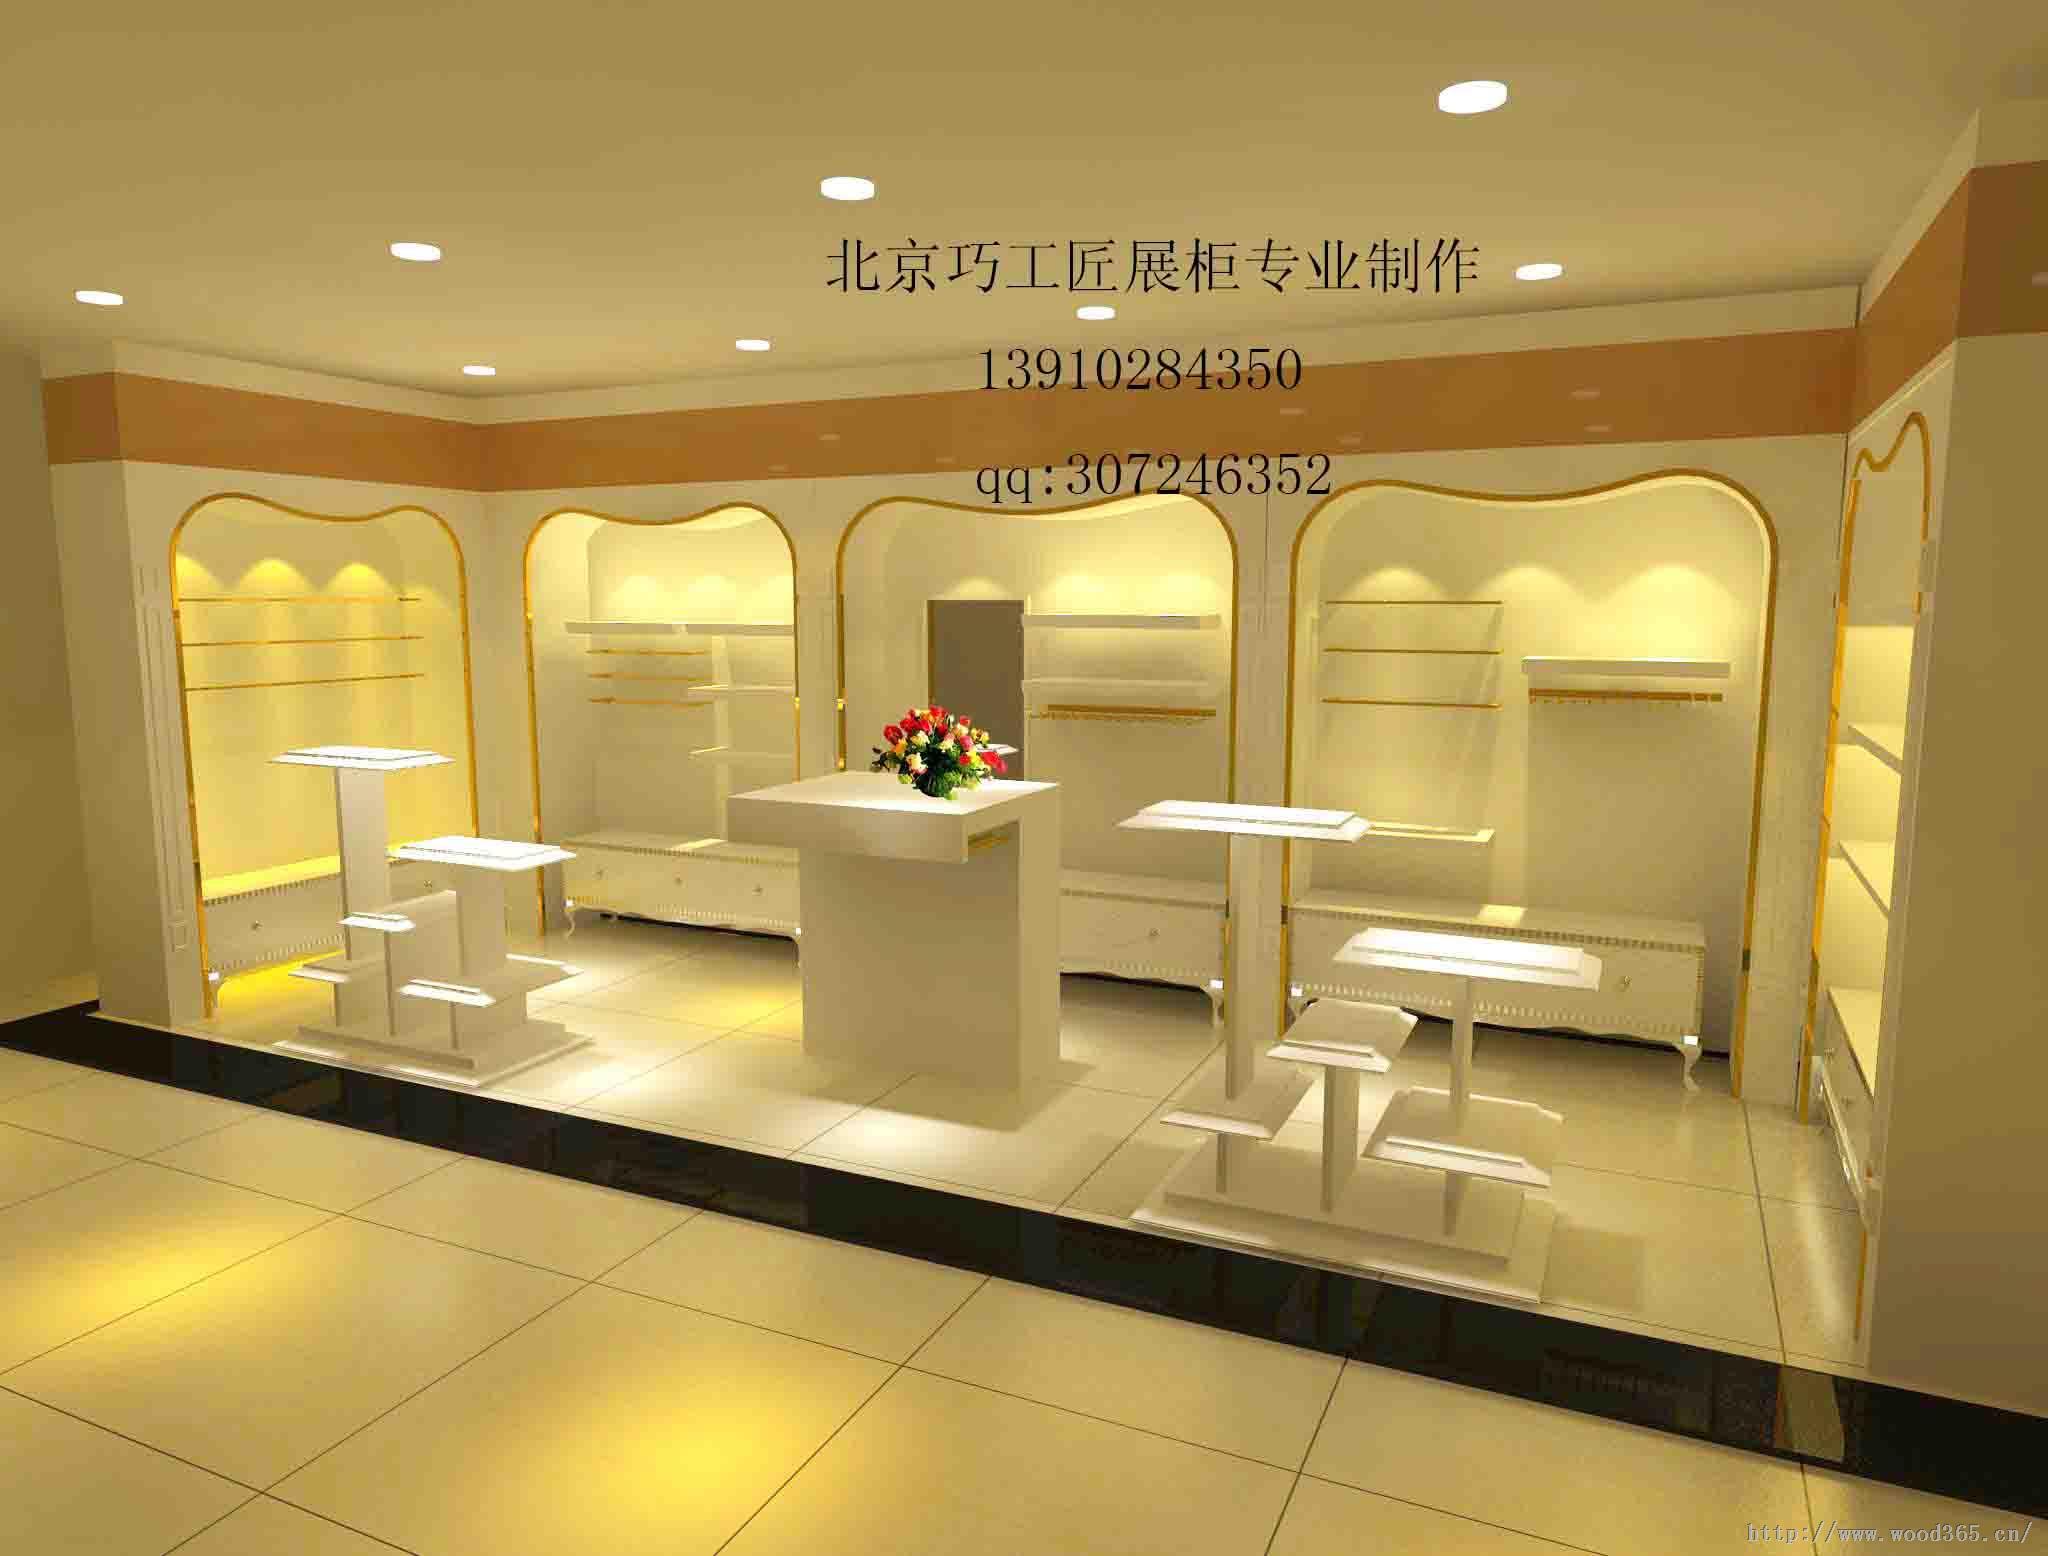 商场展柜北京服装展柜设计制作有限公司